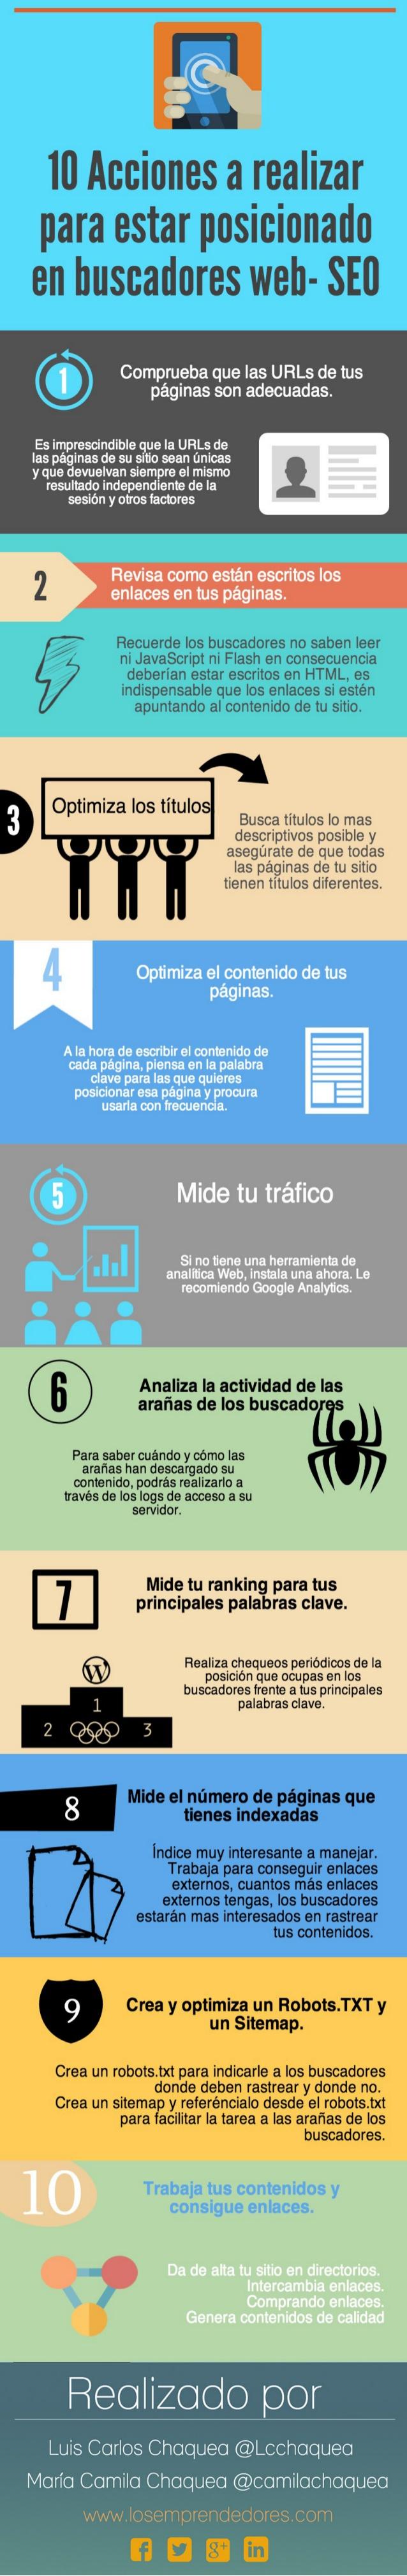 10 acciones para posicionar tu web